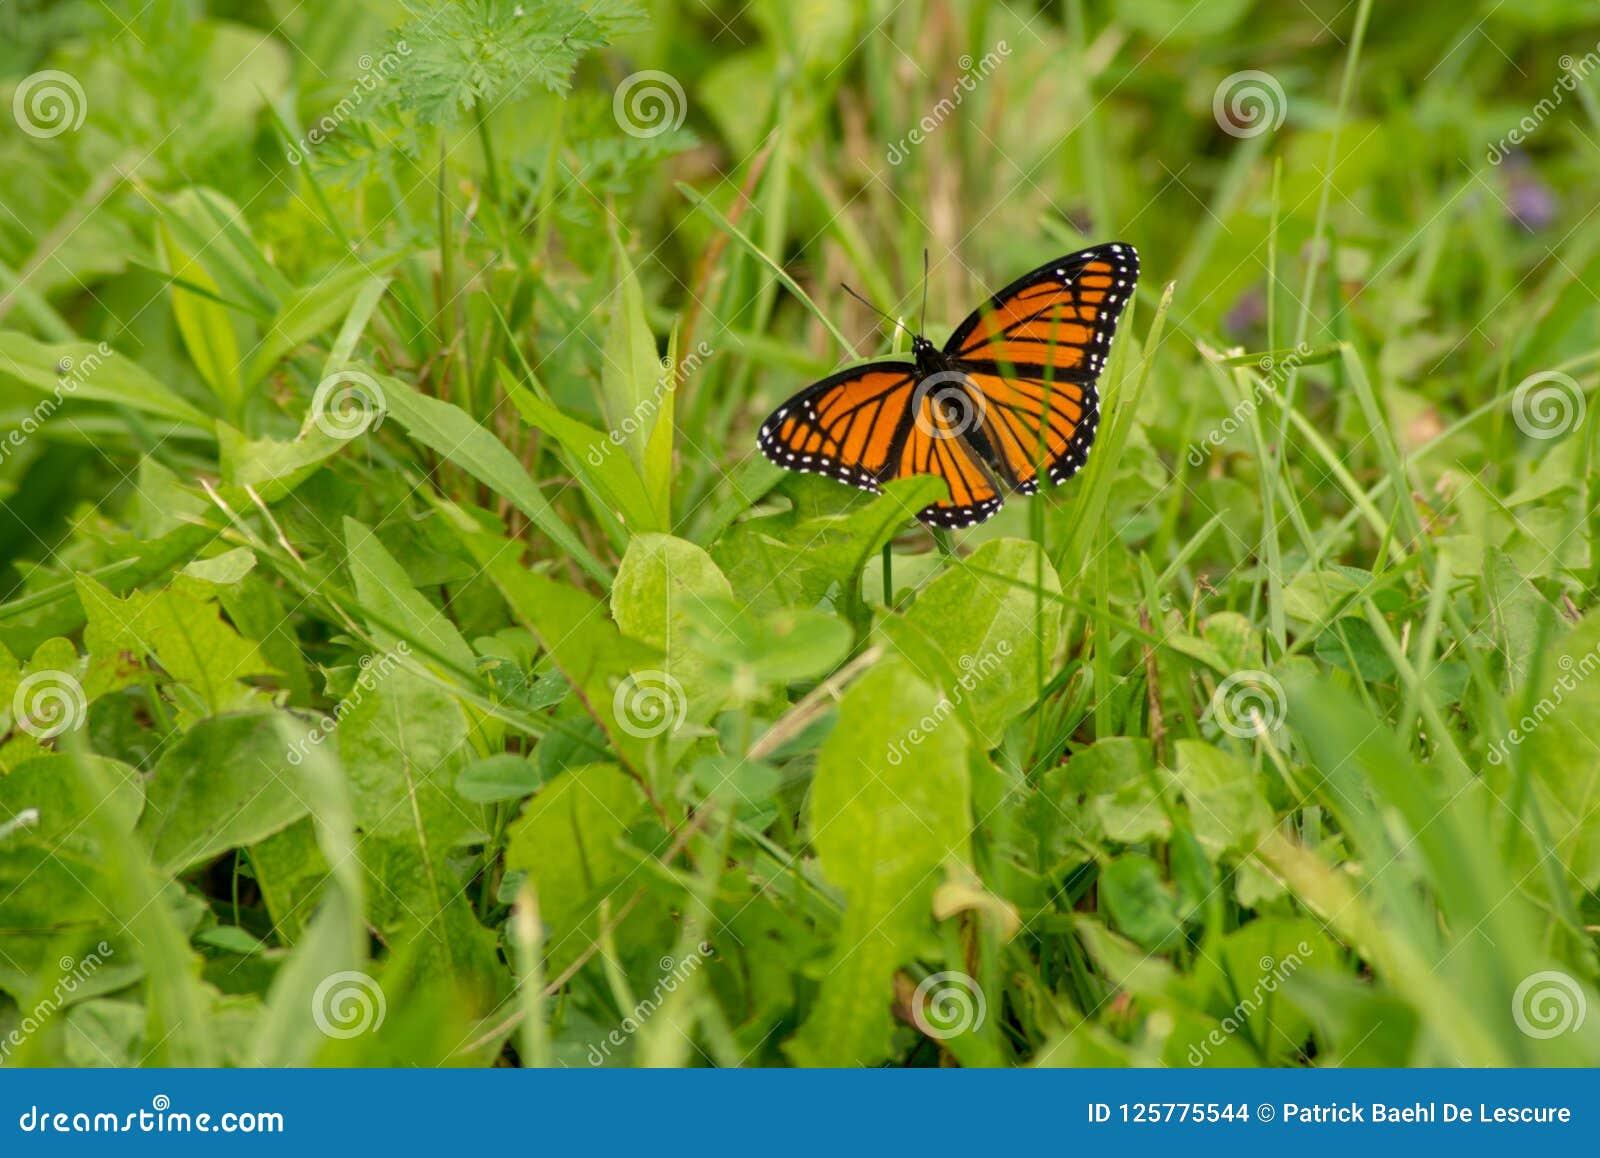 Monarchiczny motyl odpoczywa na ostrzu trawa w słońcu